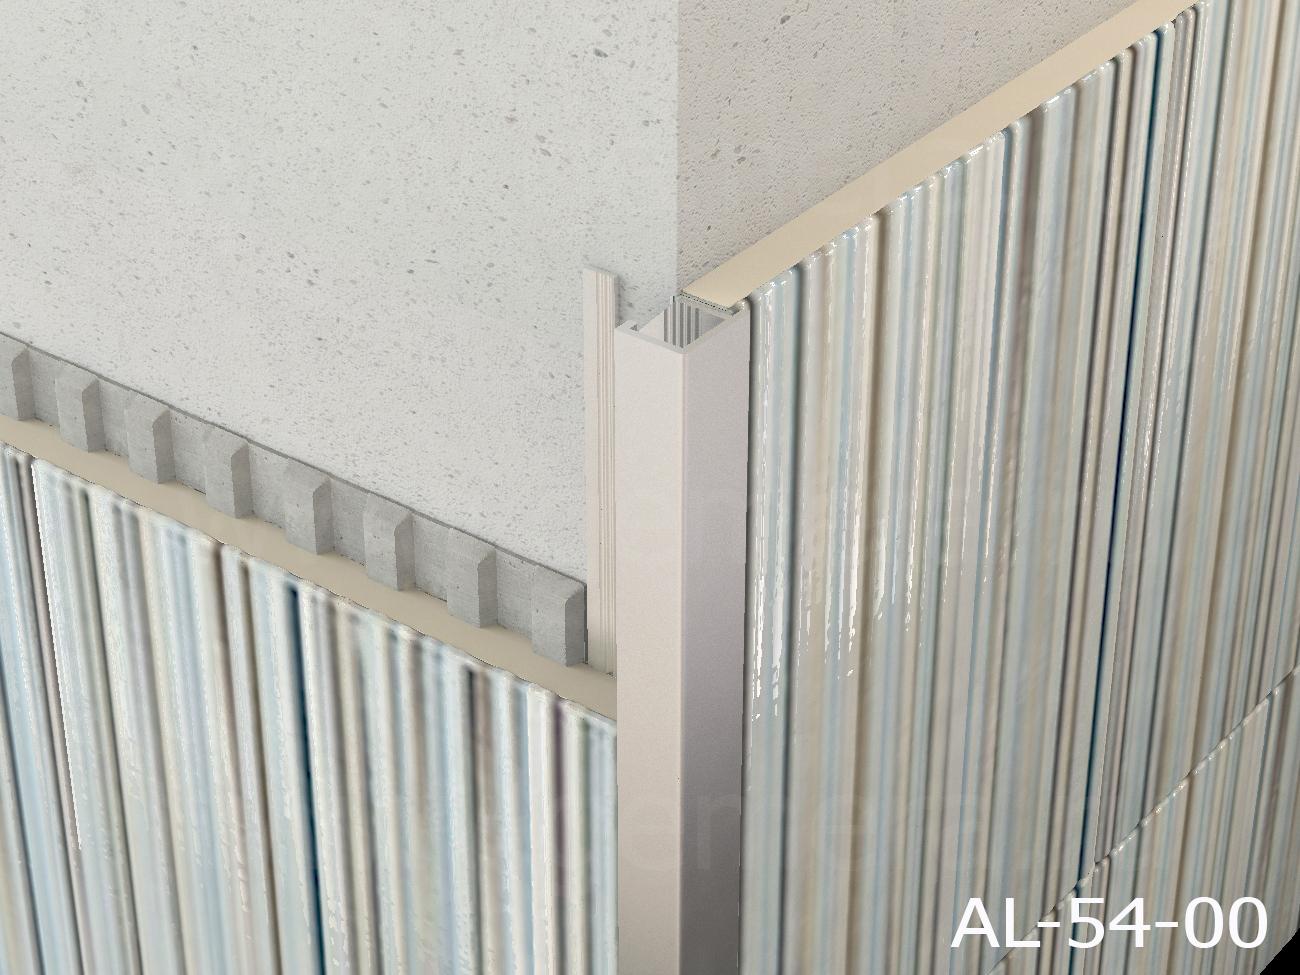 Профиль для кафельной плитки внутренний Butun AL-54-00